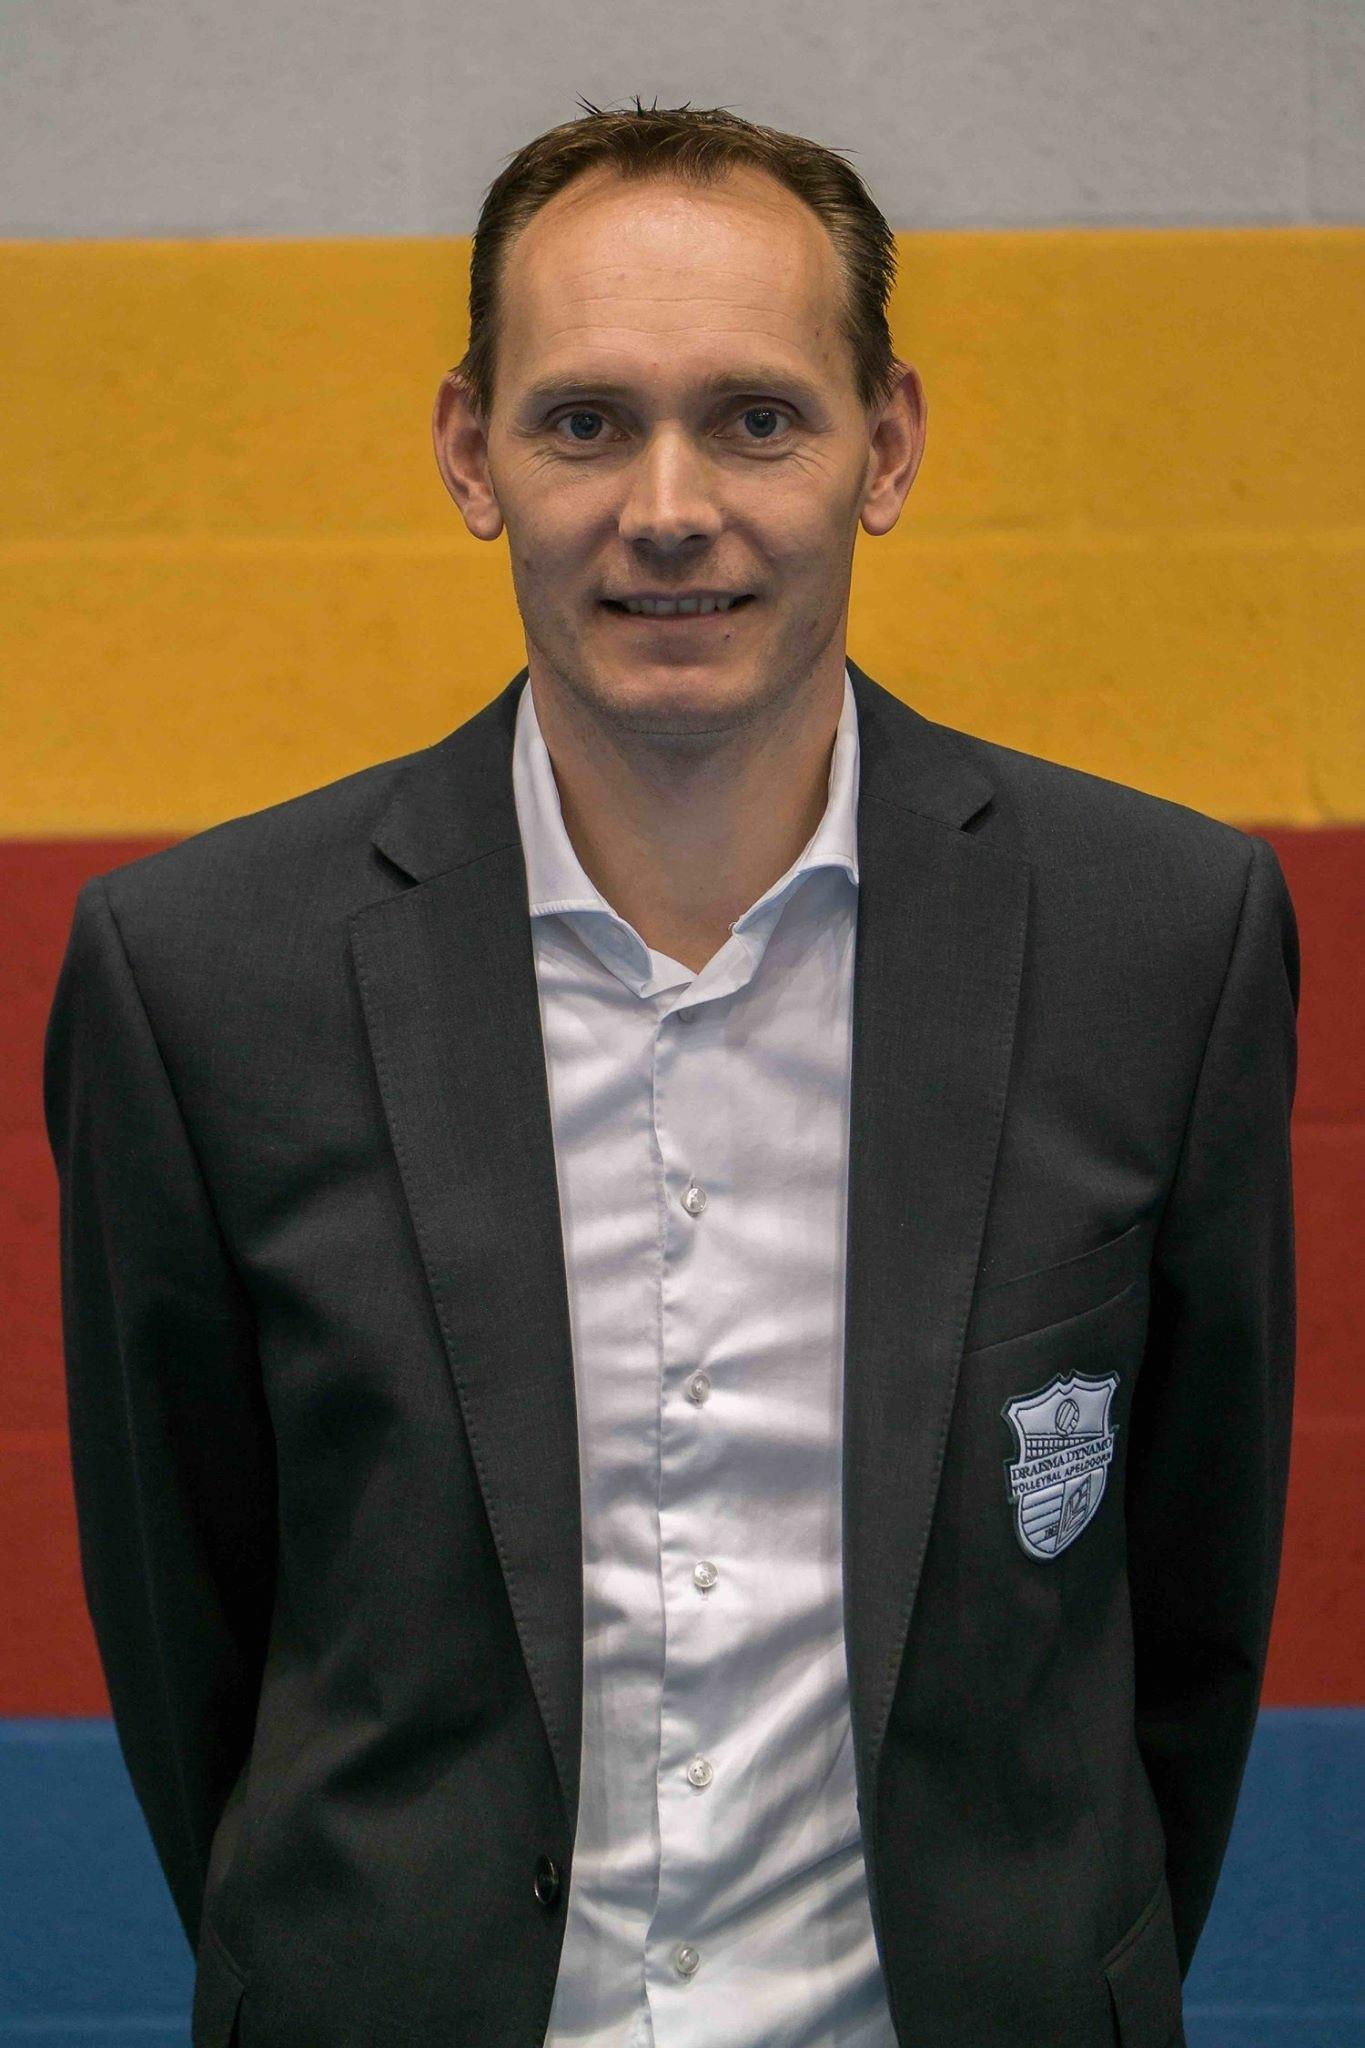 Justin Sombroek zoekt nieuwe uitdaging